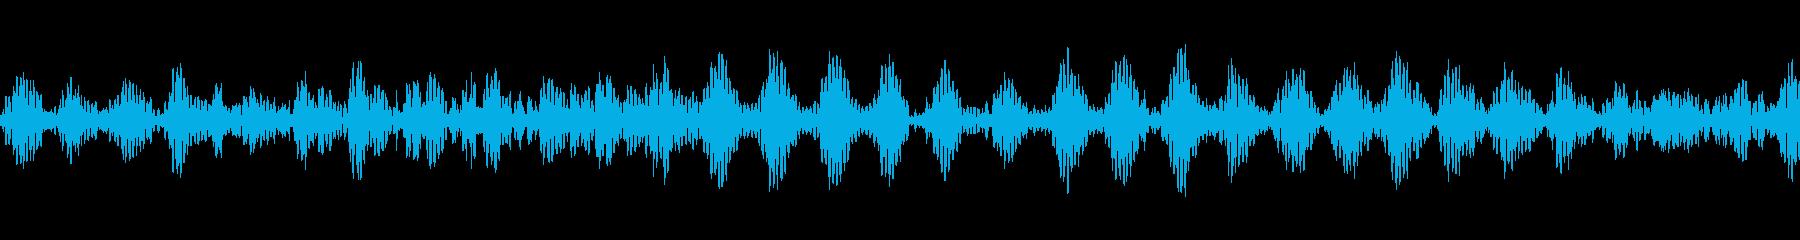 複数の宇宙船エンジンループ。エイリ...の再生済みの波形